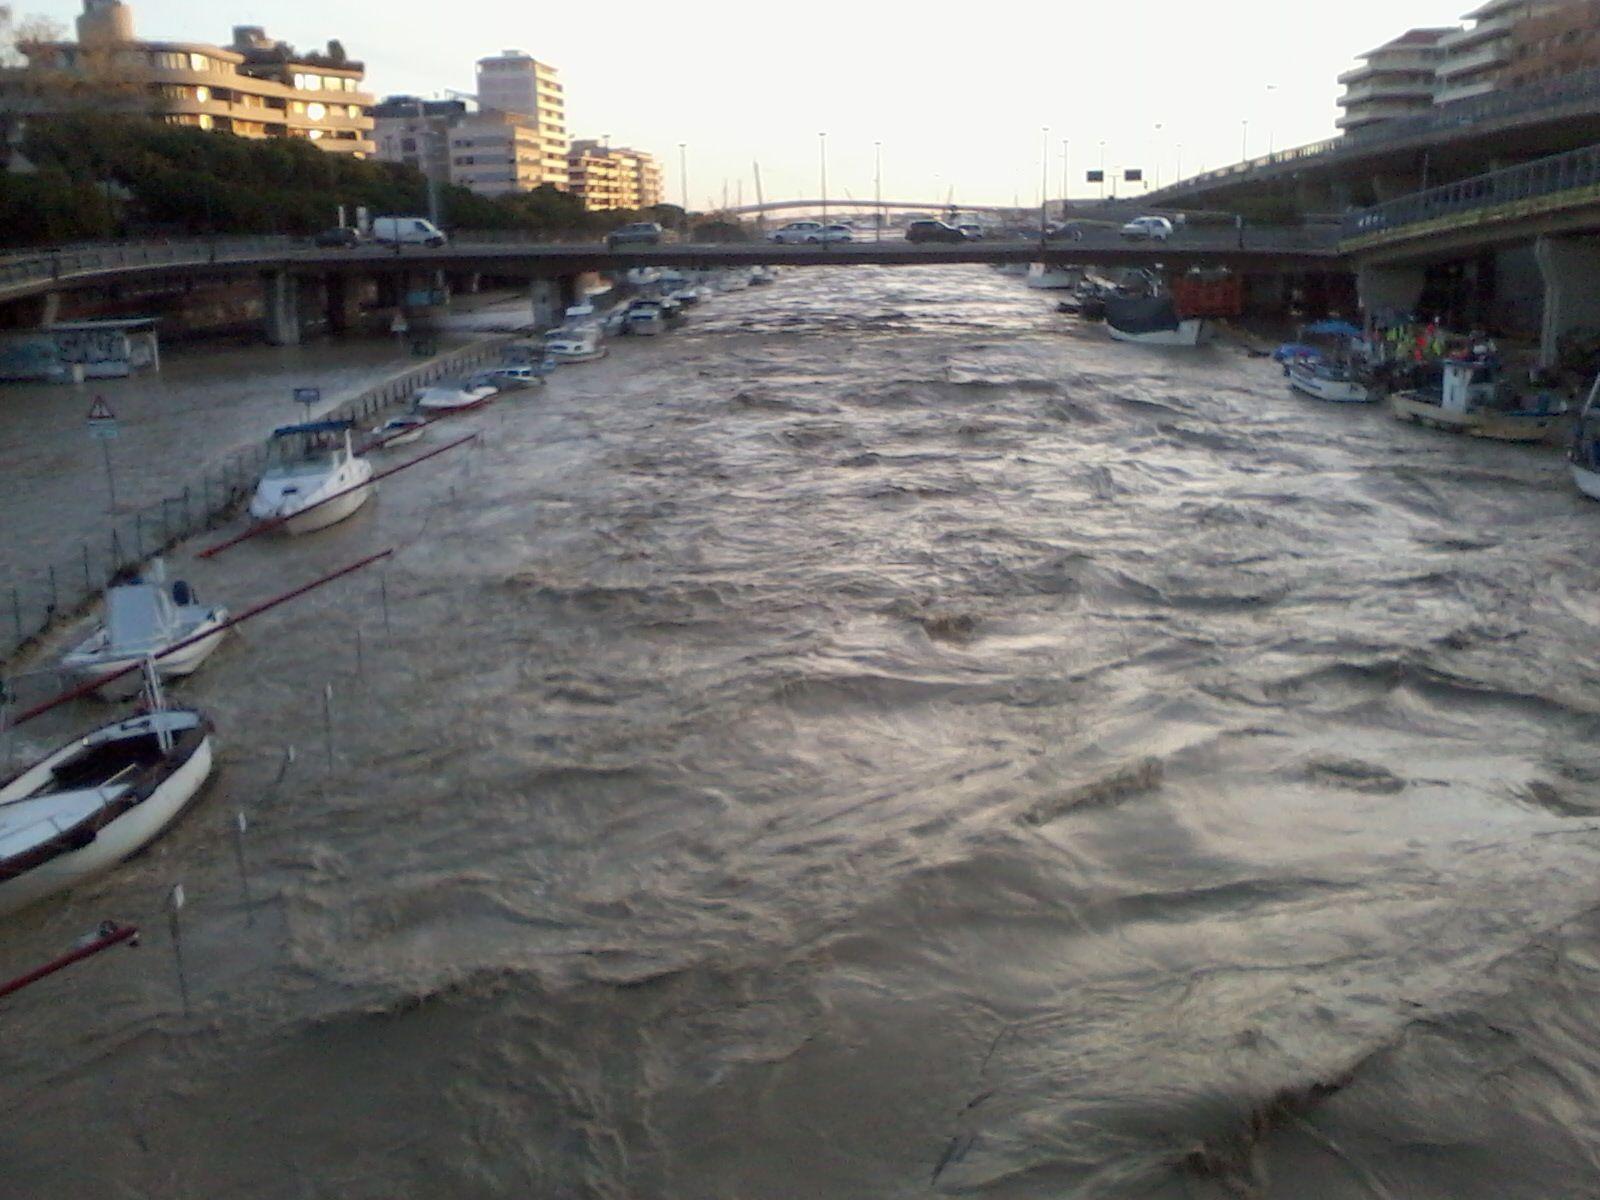 Foto dell'alluvione del fiume Pescara a cura di Carlo Senatore